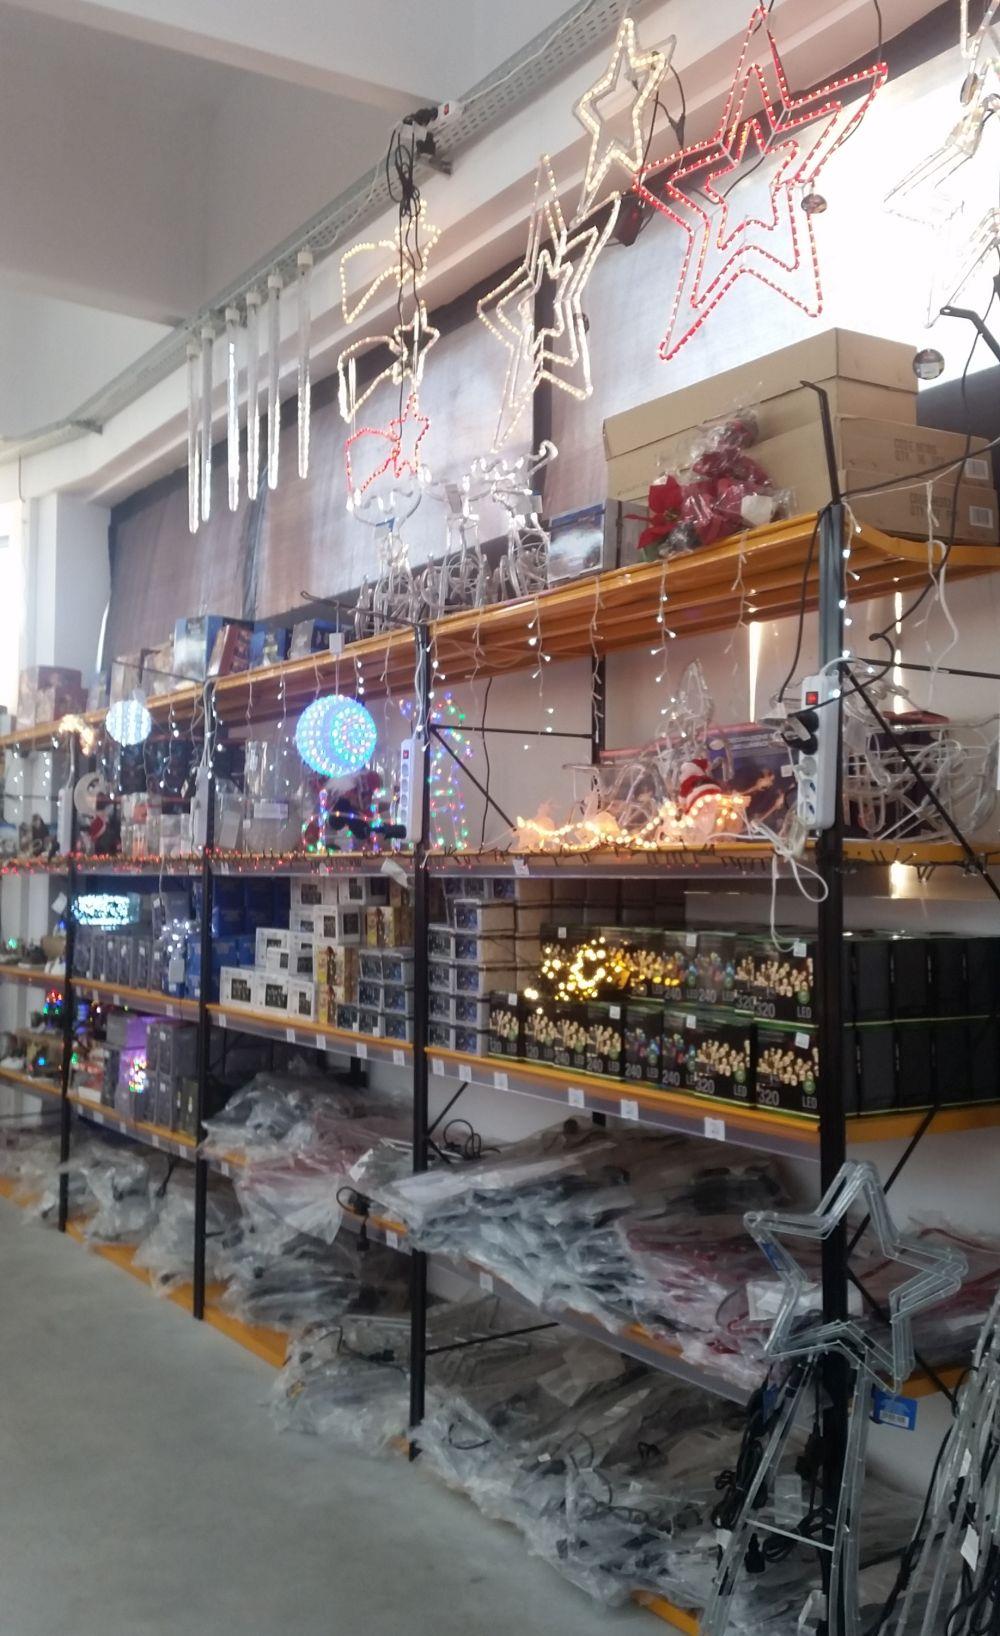 adelaparvu-com-despre-magazin-de-decoratiuni-si-obiecte-de-uz-casnic-da-moreno-19